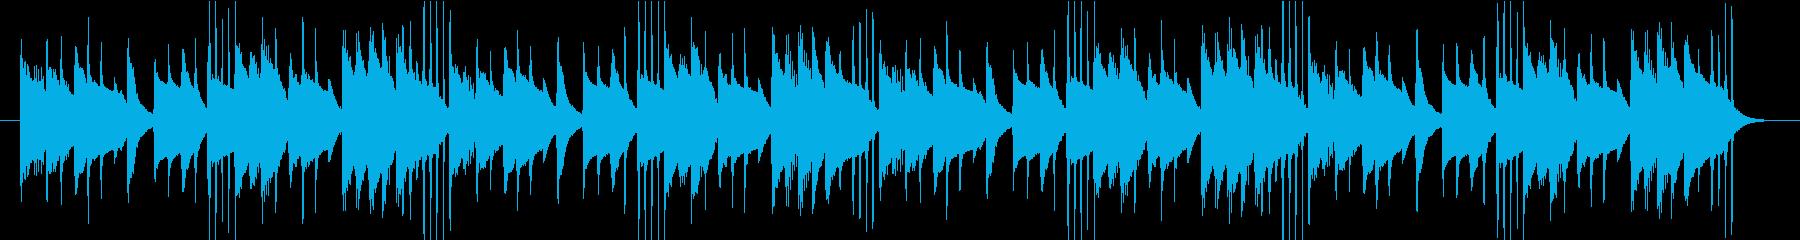 コミカルでユニークなBGMイヤーキャッチの再生済みの波形